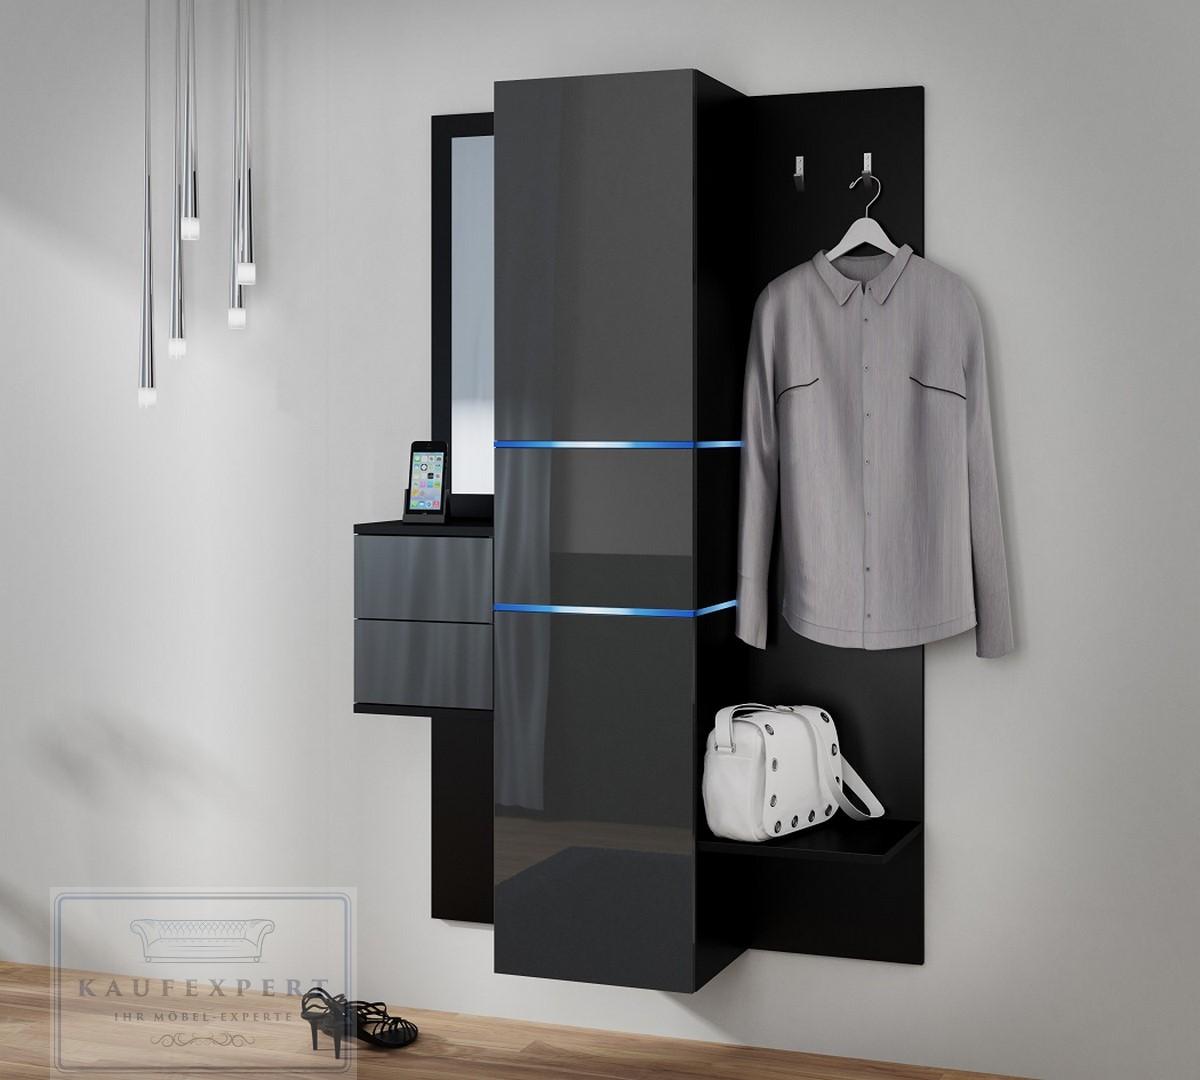 garderobe camino neue bessere version grau hochglanz wei led flurgarderobe set ebay. Black Bedroom Furniture Sets. Home Design Ideas